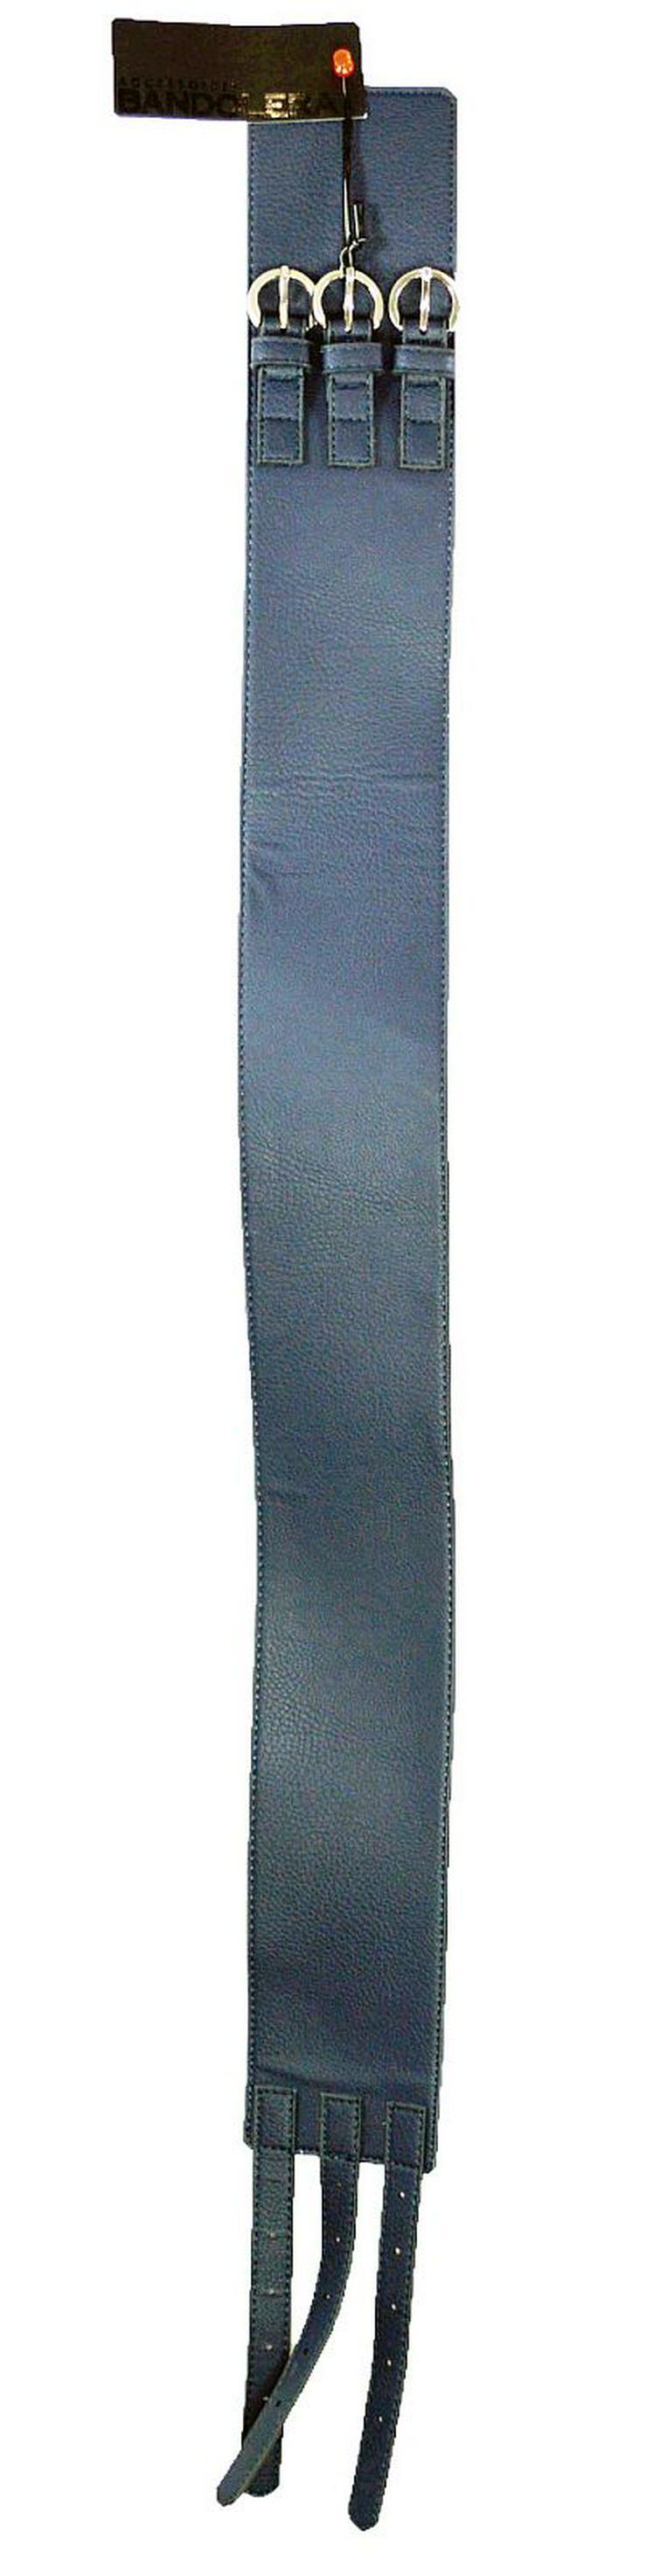 Bandolera Damen Gürtel 90 cm Damengürtel 47111500